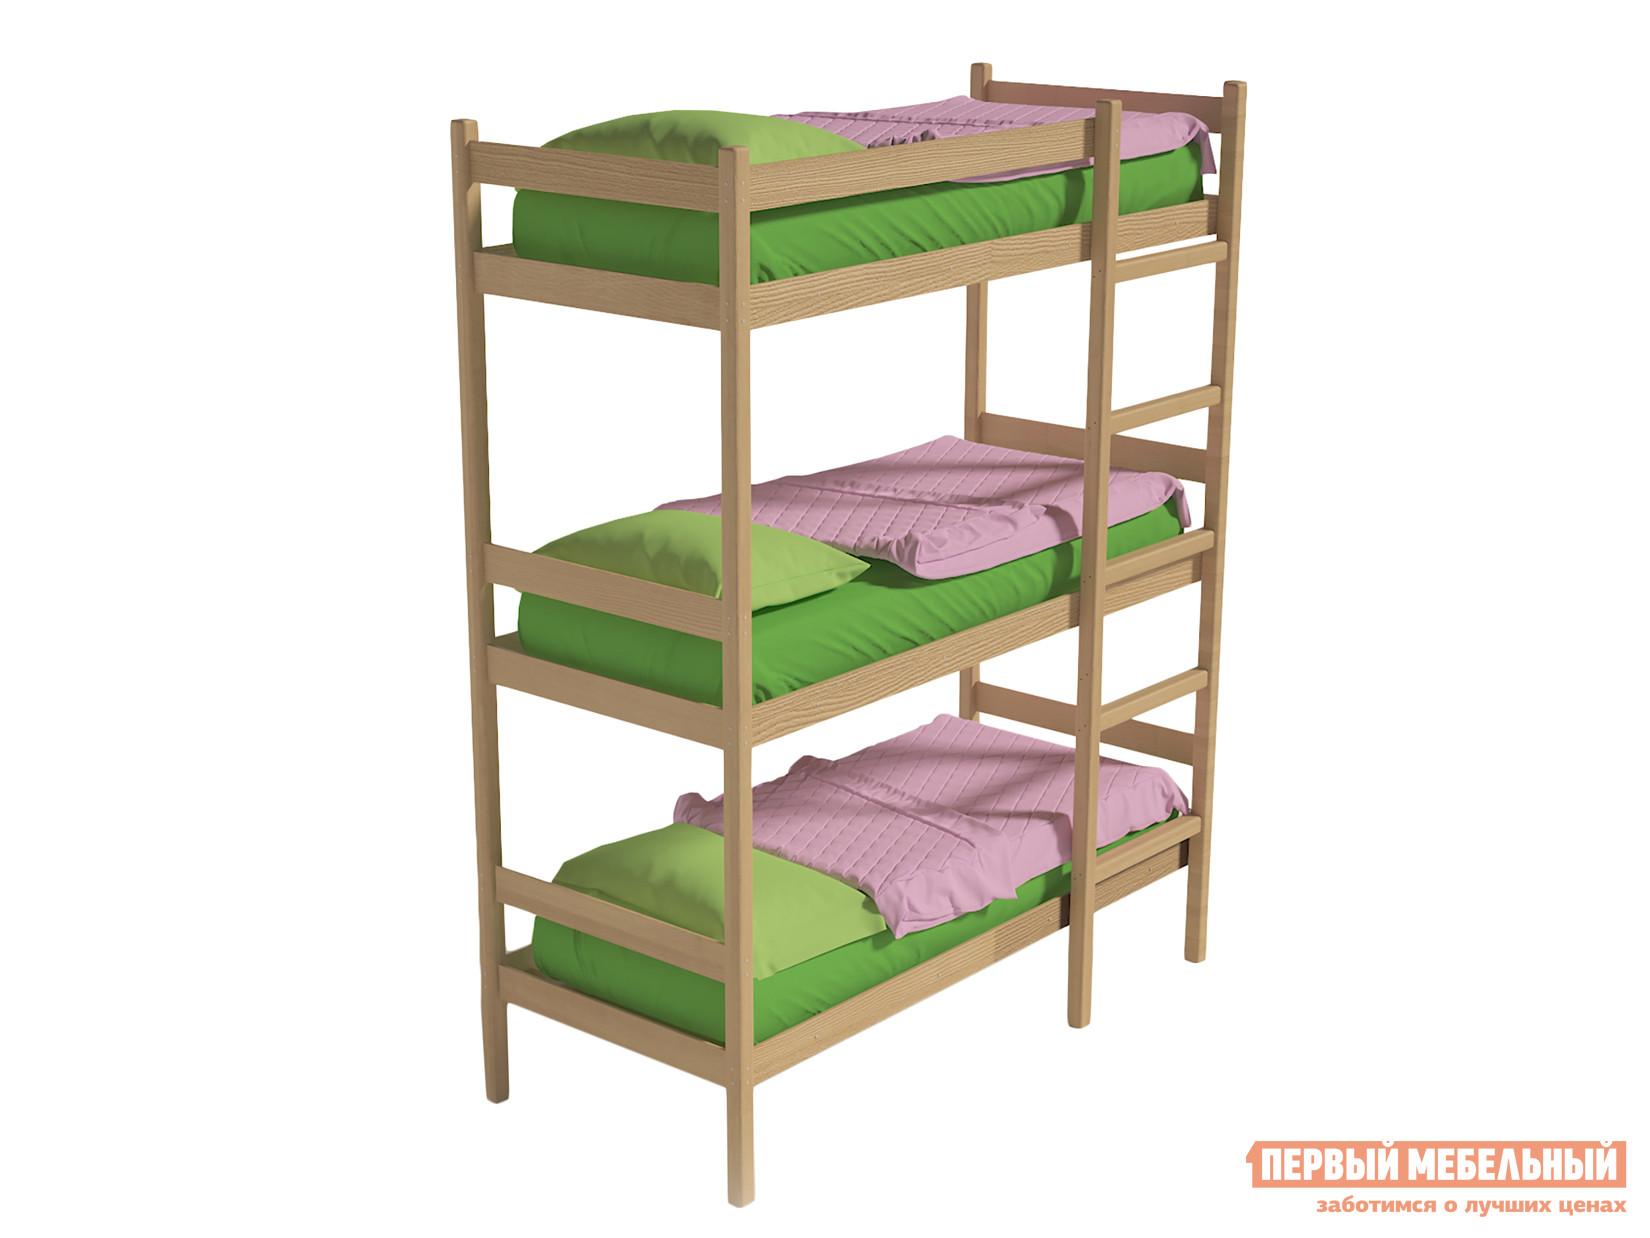 Трехъярусная кровать Green mebel Трехъярусная кровать